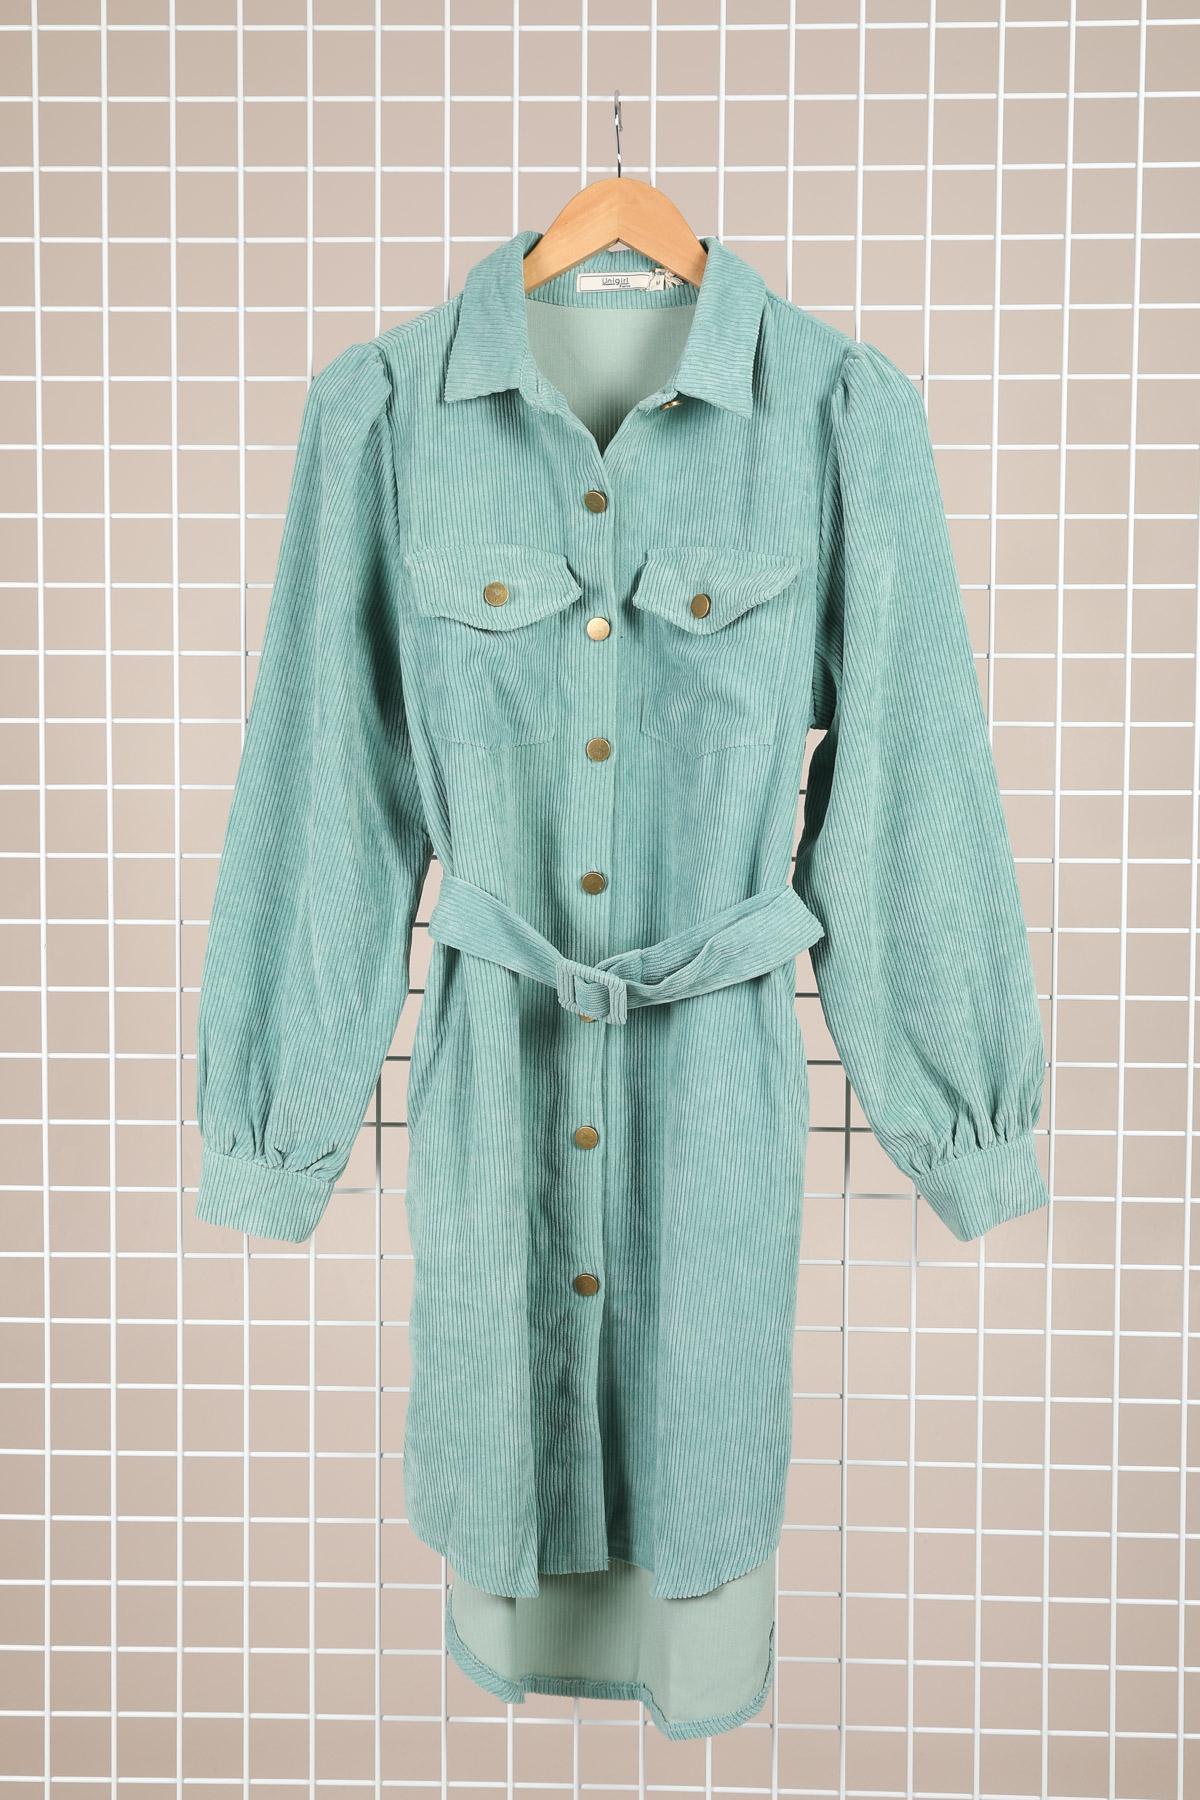 Robes courtes Femme Céladon Unigirl X-1877 #c eFashion Paris